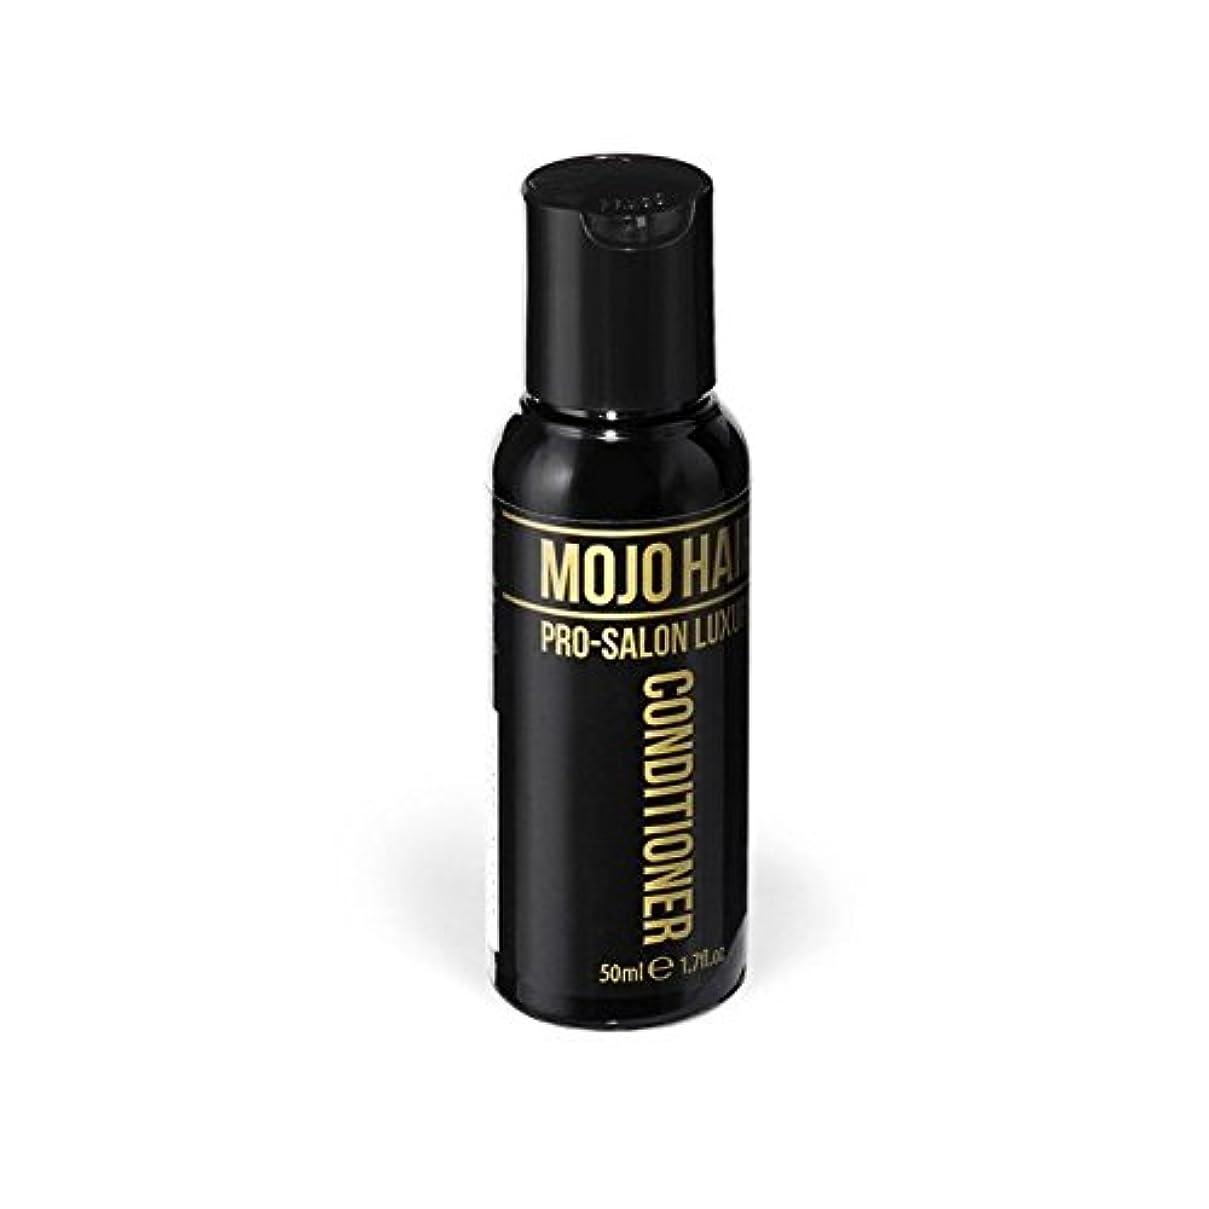 フレッシュ後世排出モジョの毛プロのサロンの贅沢なコンディショナー(50ミリリットル) x2 - Mojo Hair Pro-Salon Luxury Conditioner (50ml) (Pack of 2) [並行輸入品]